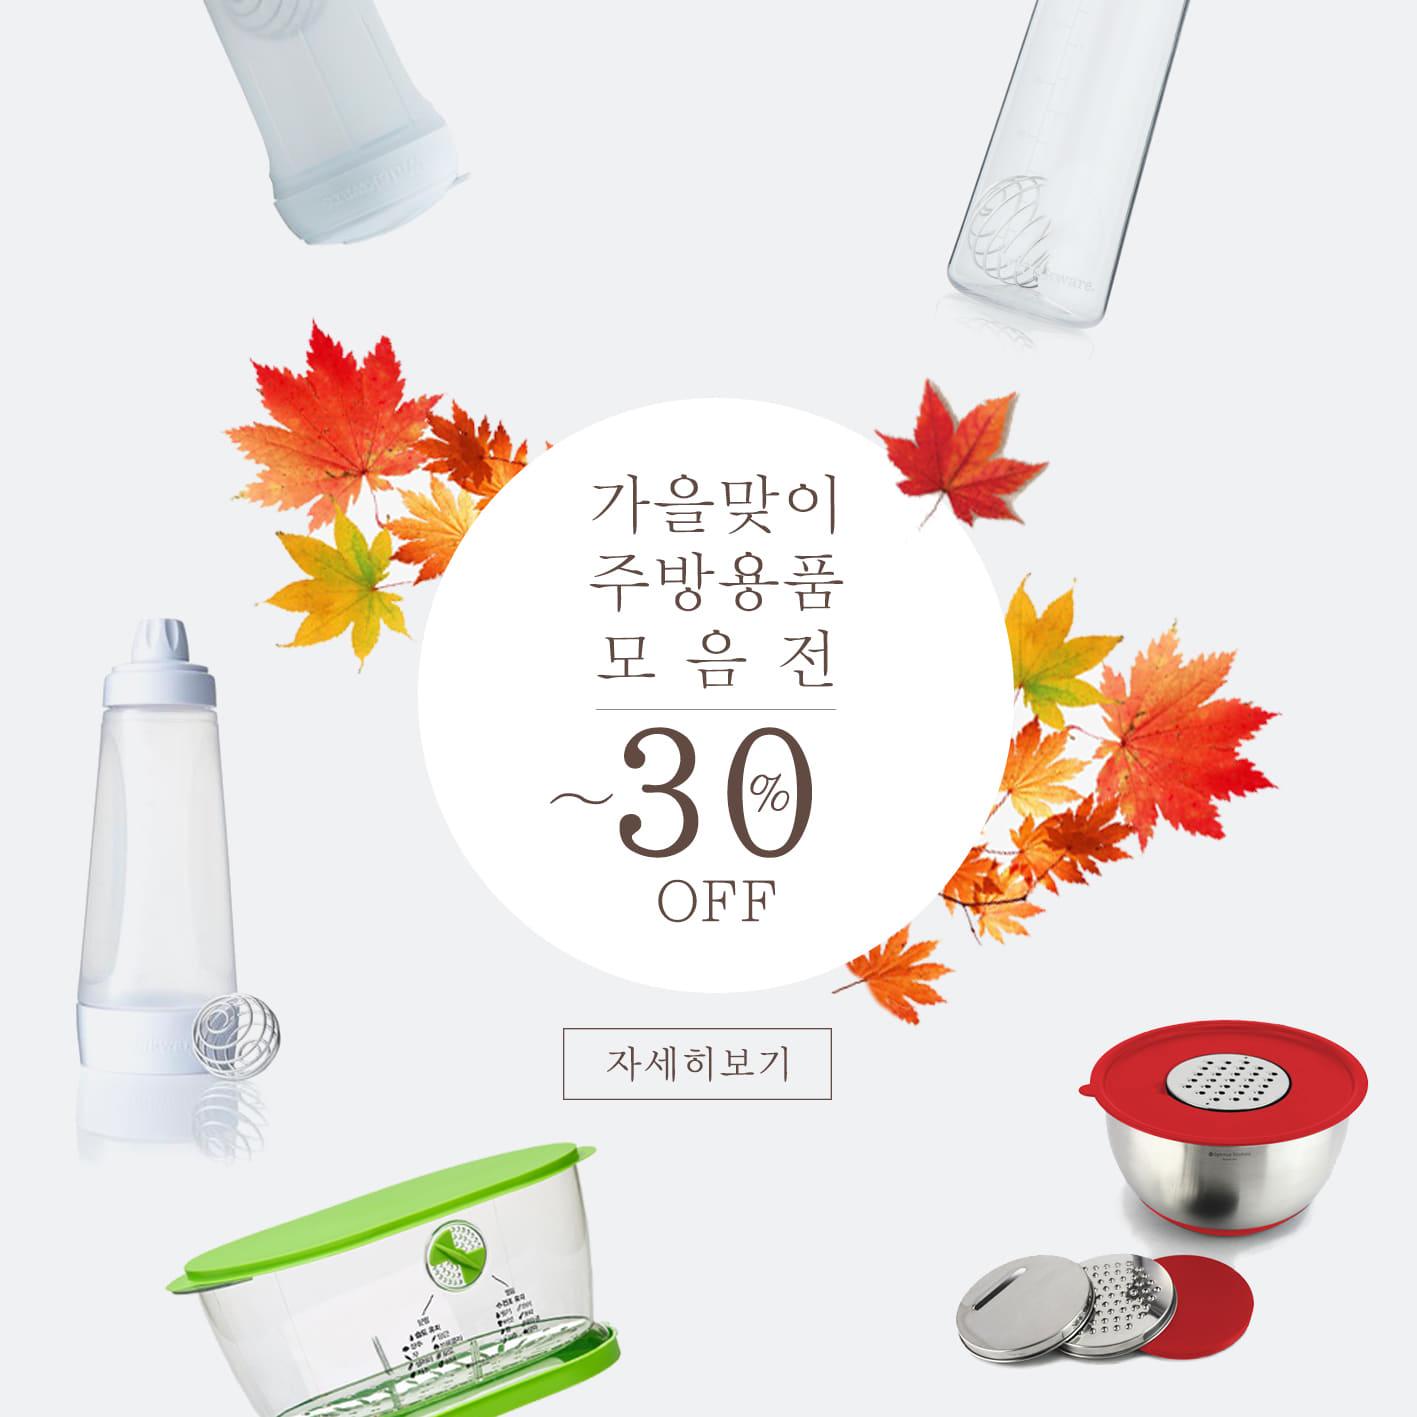 가을행사주방용품모음